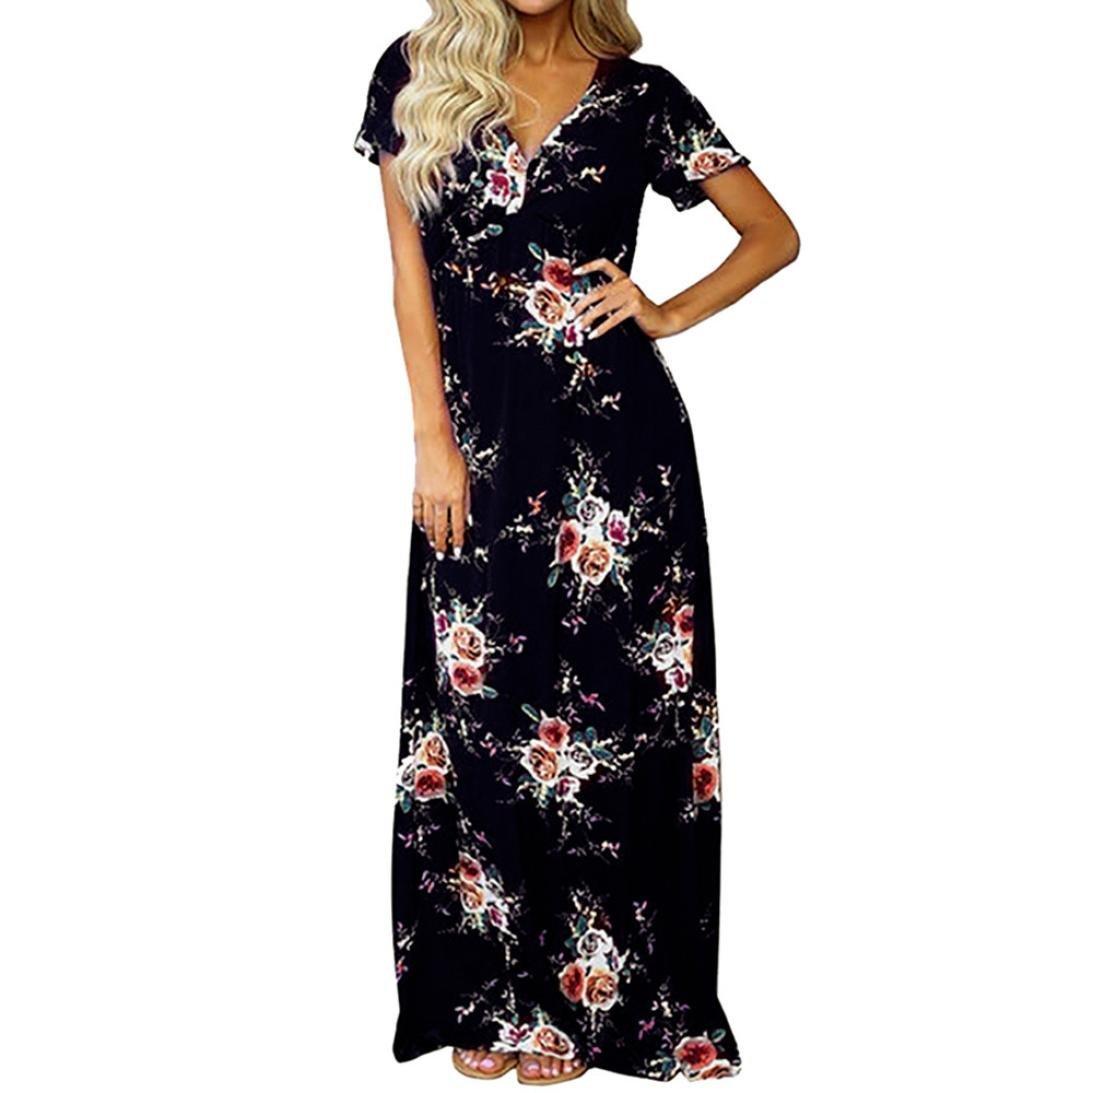 2355bbc7d3 Get Quotations · Women Long Maxi Floral Dress Beach Dress Summer Hawaii  Dress V-Neck Party Dress Hemlock